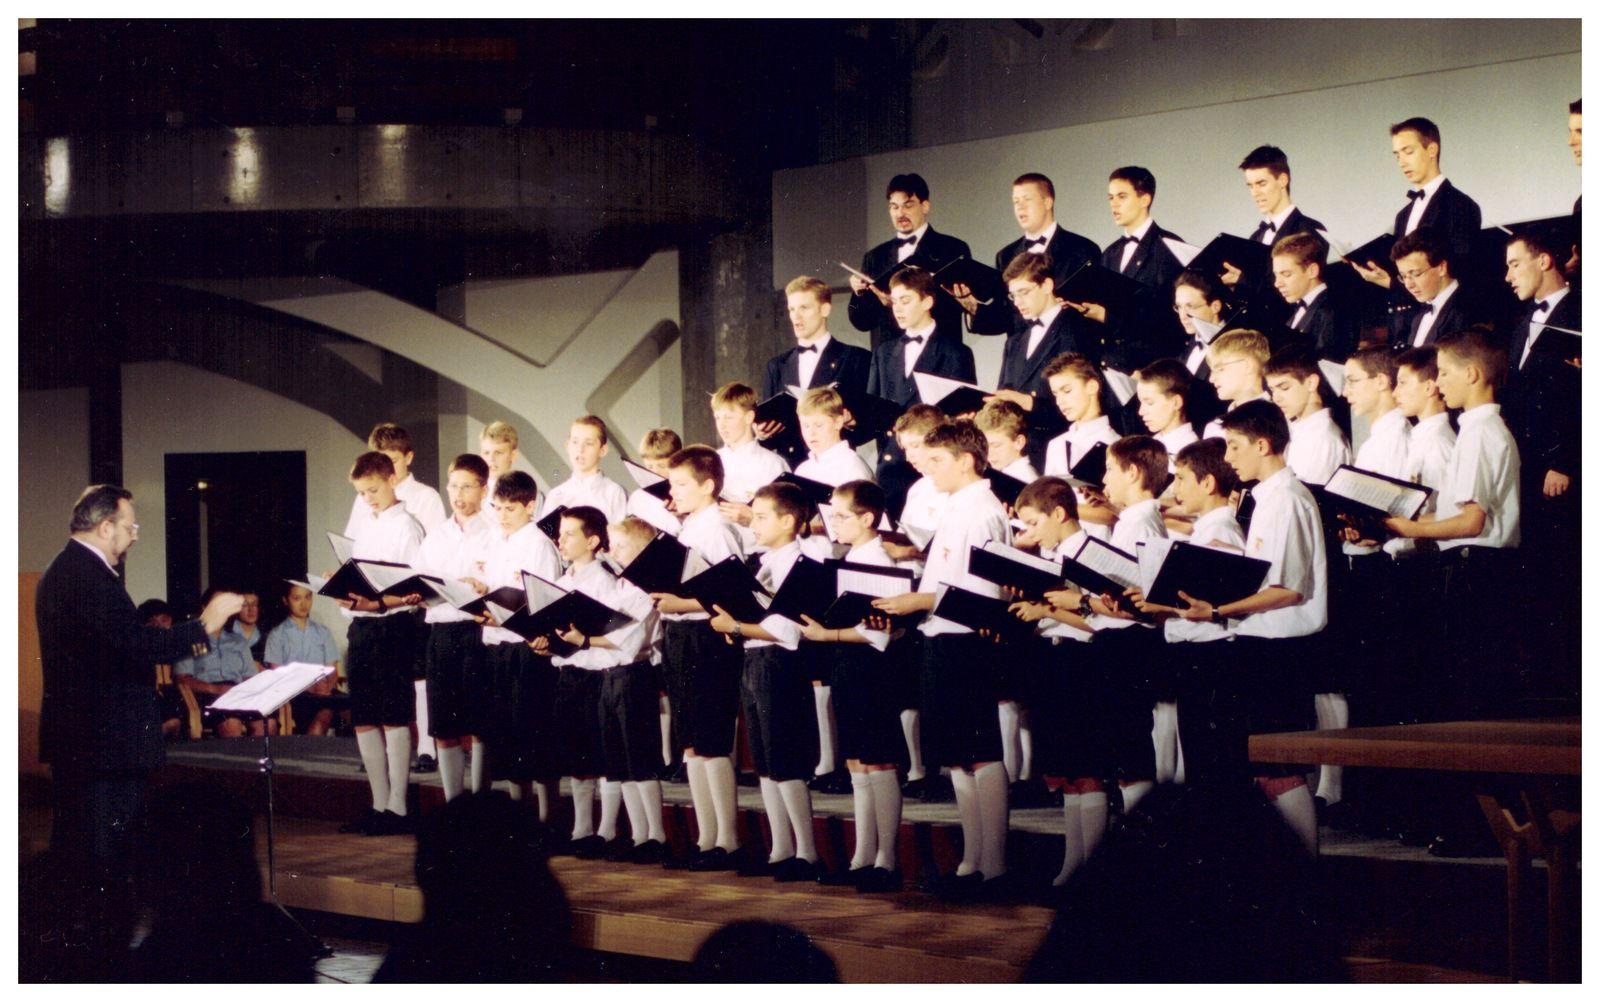 Les Petits Chanteurs de Lyon au Japon, il y a  20 ans